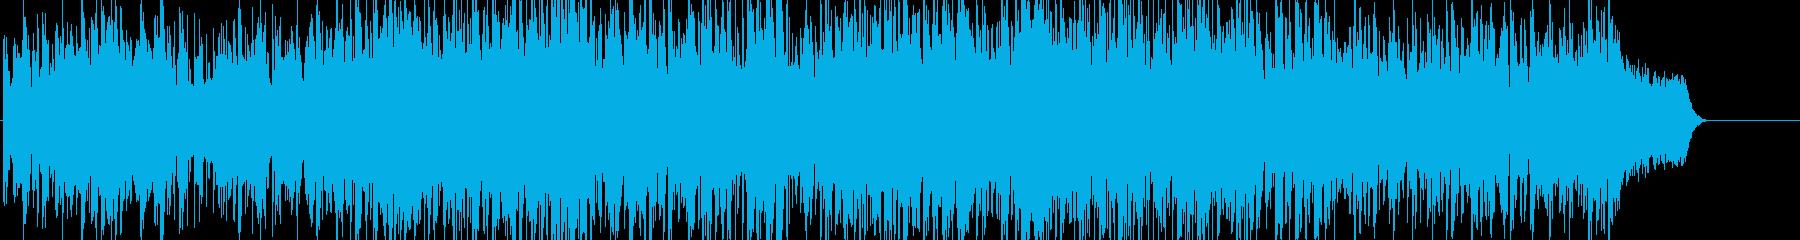 アコギメロが特徴のおしゃれで軽快なBGMの再生済みの波形